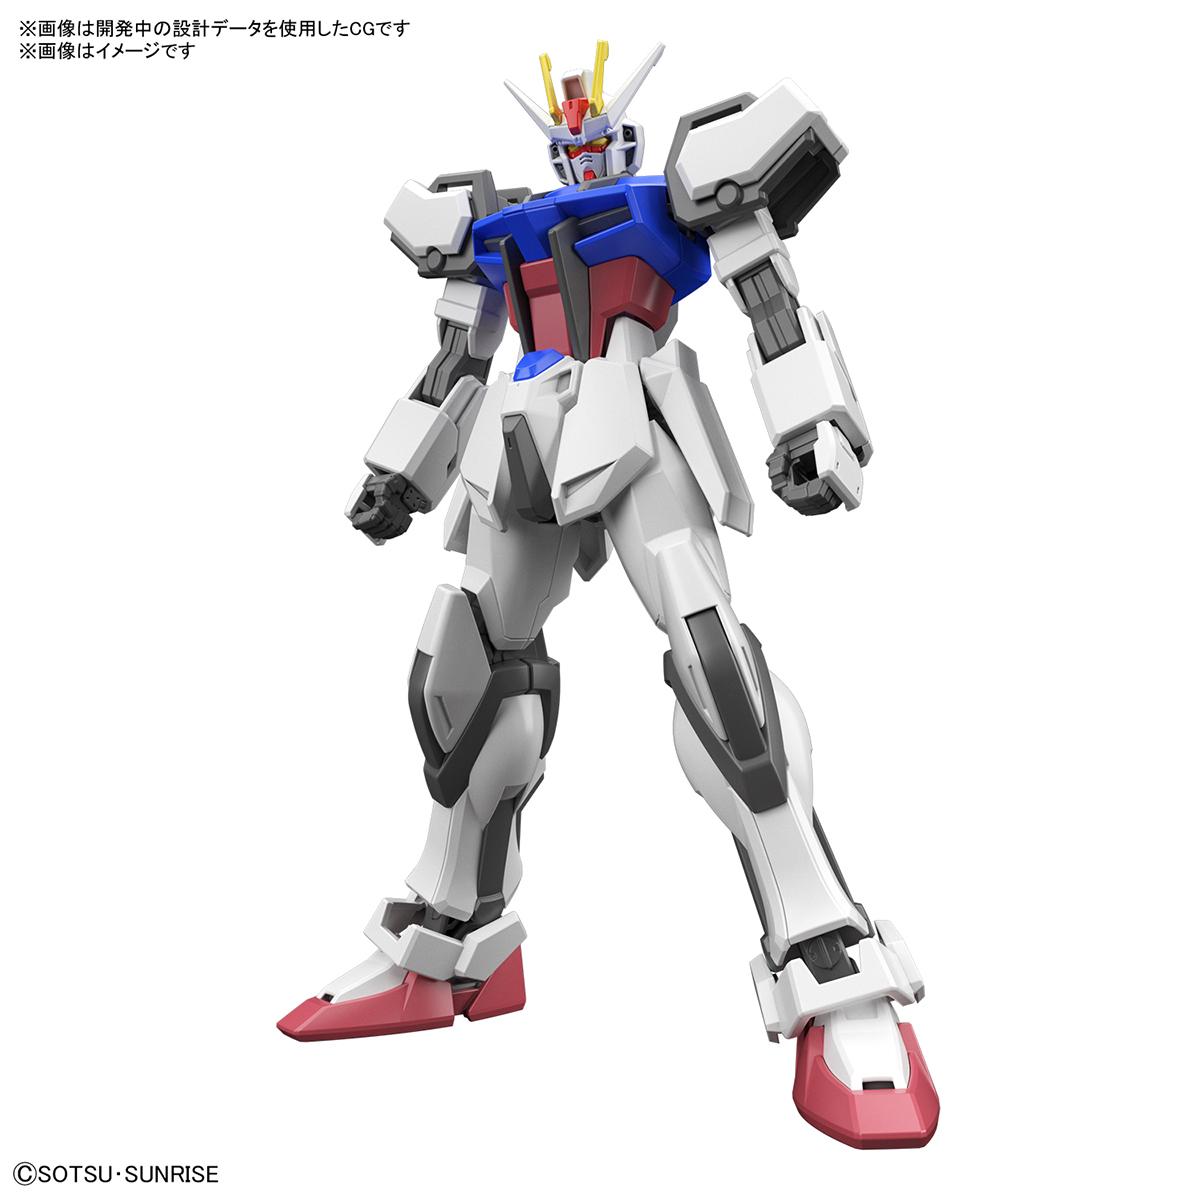 ENTRY GRADE『ストライクガンダム』ガンダムSEED 1/144 プラモデル-001